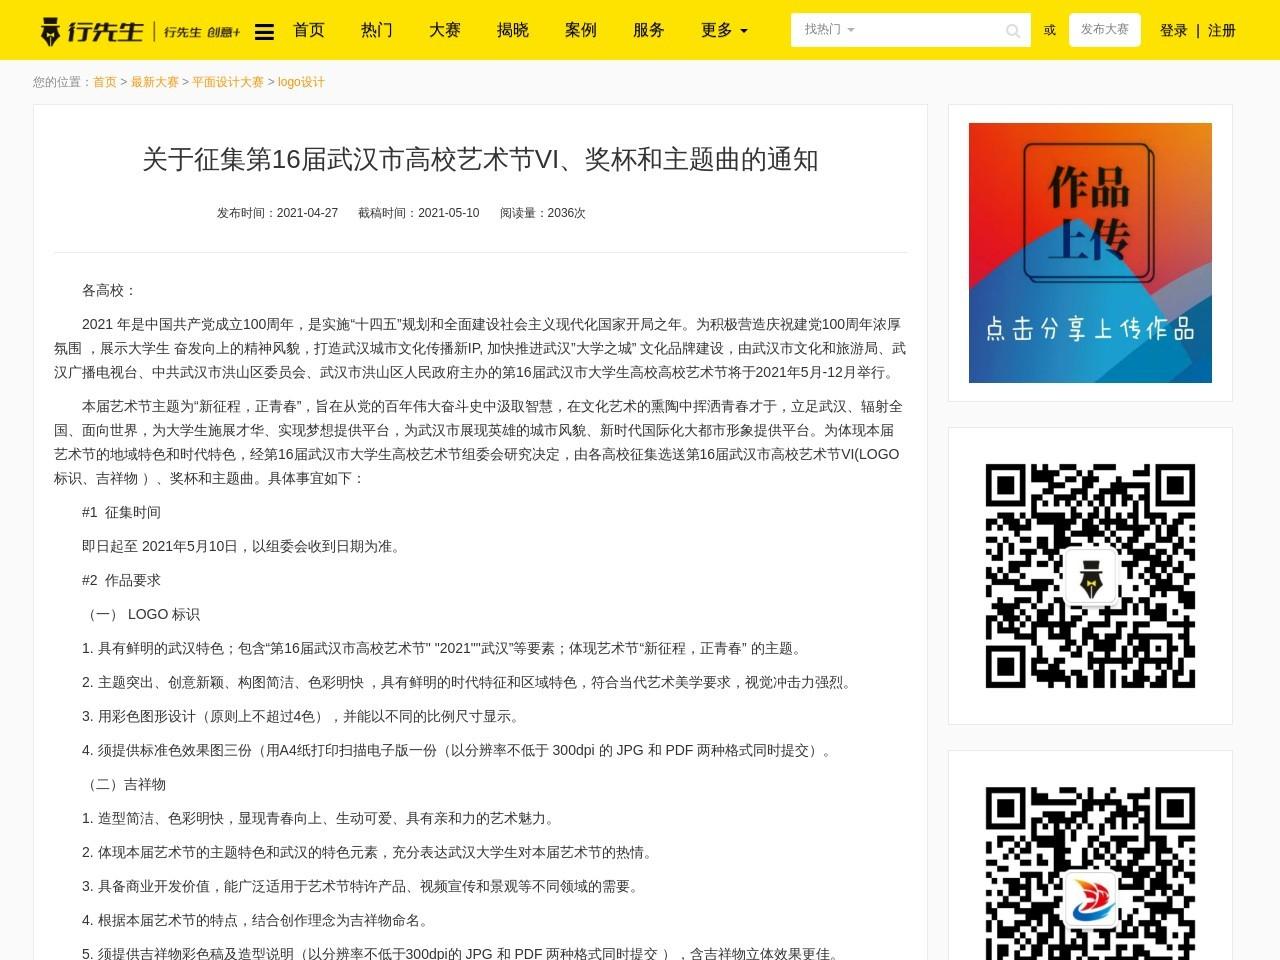 关于征集第16届武汉市高校艺术节VI、奖杯和主题曲的通知